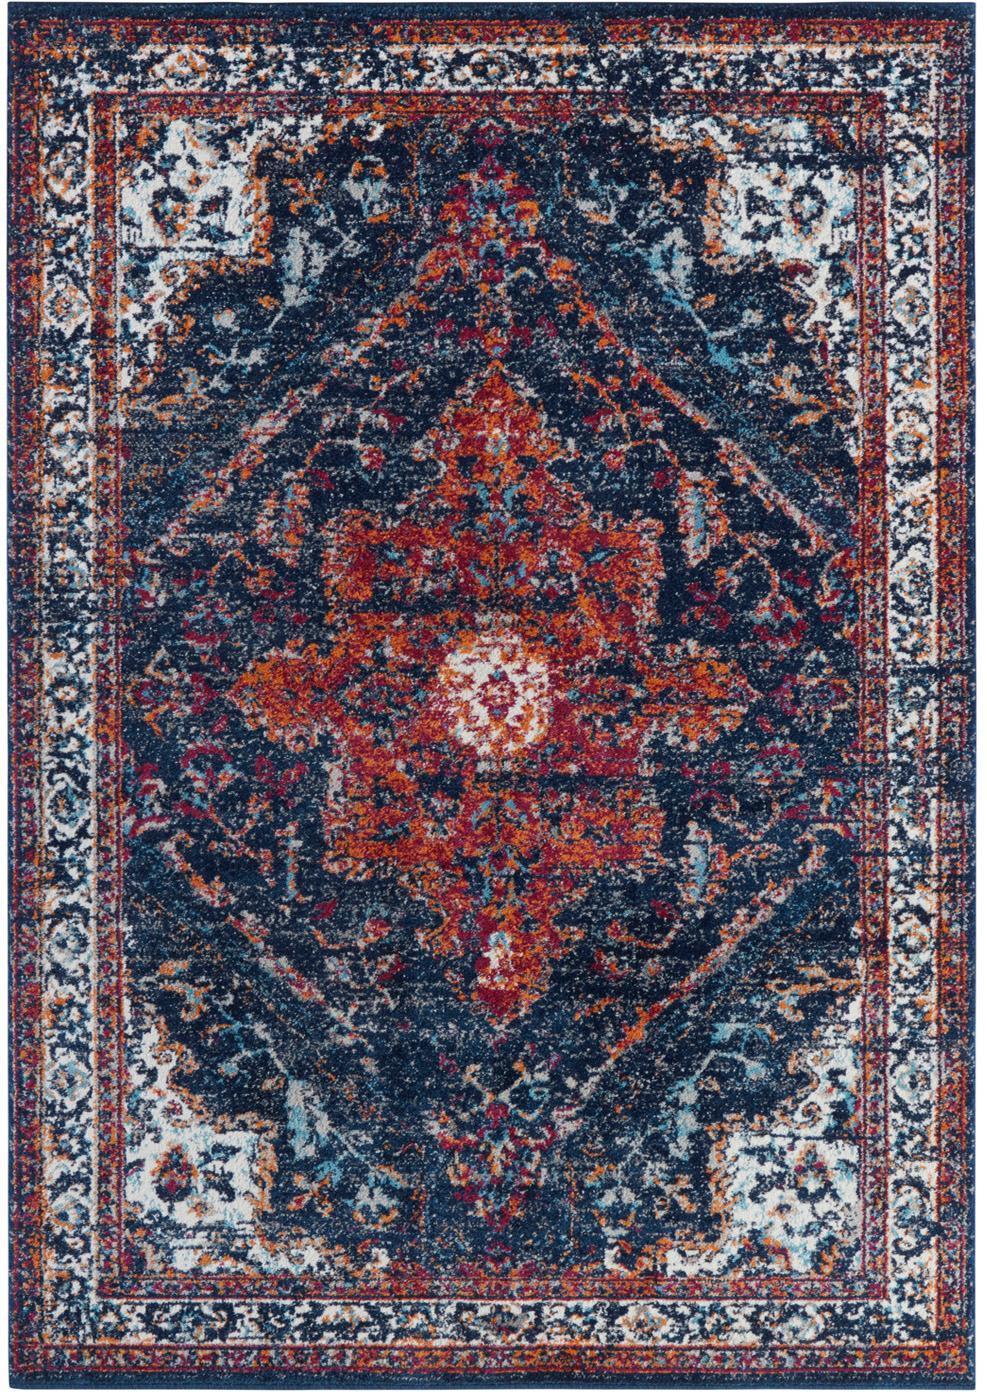 Dywan vintage Azrow, Ciemnoniebieski, czerwony, S 120 x D 170 cm (Rozmiar S)